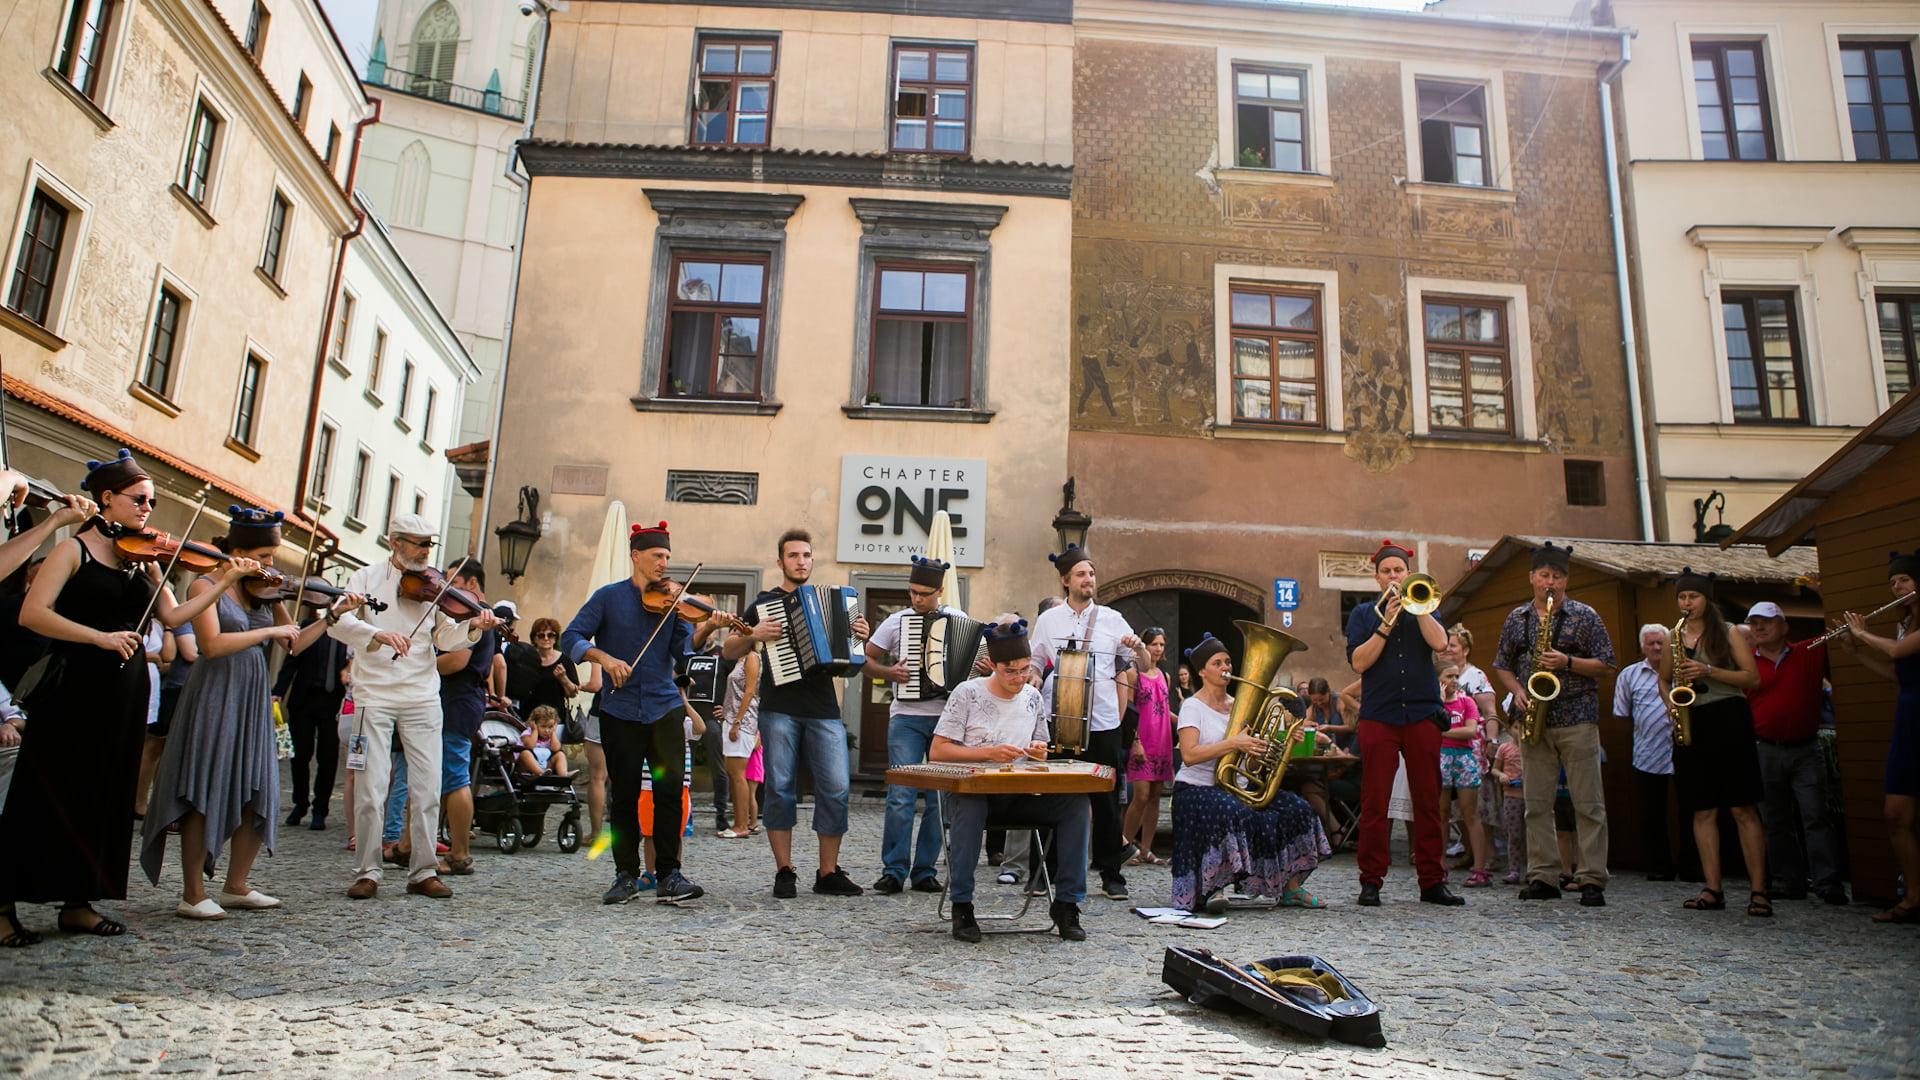 Koncert orkiestry na Rynku Starego Miasta w Lublinie